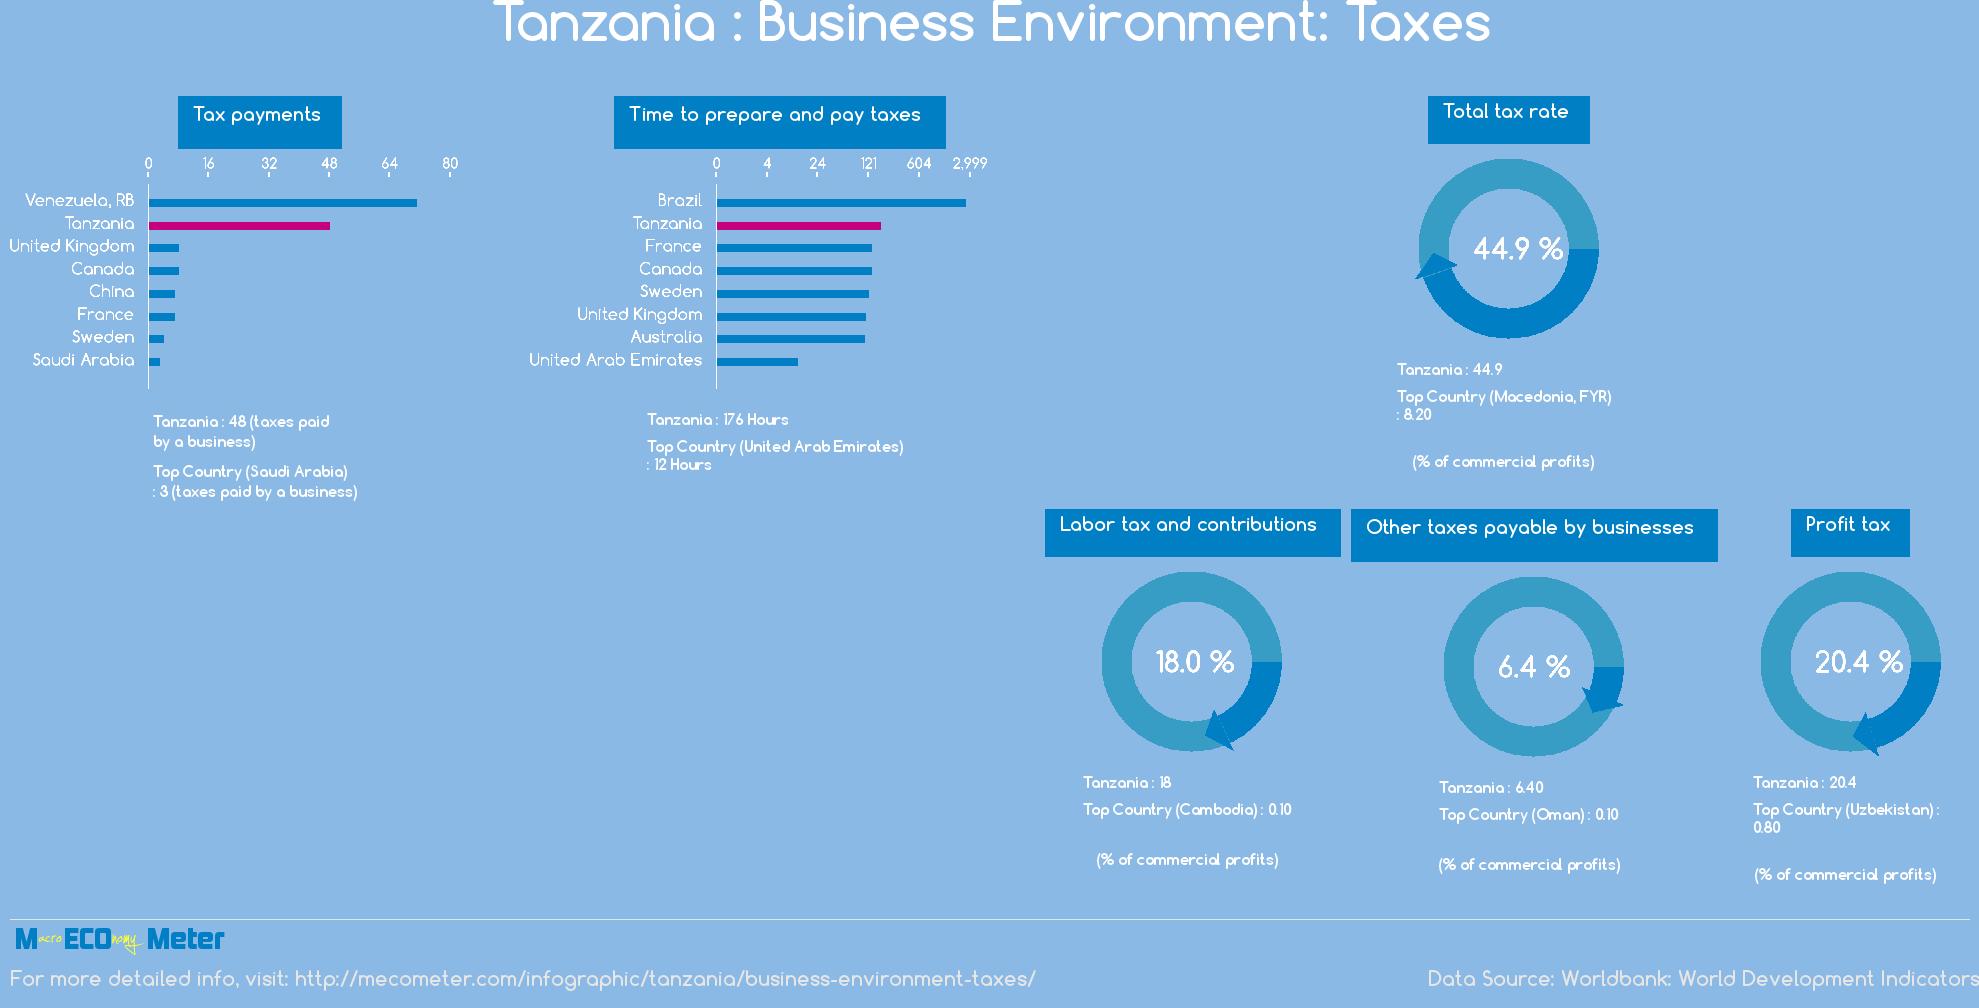 Tanzania : Business Environment: Taxes